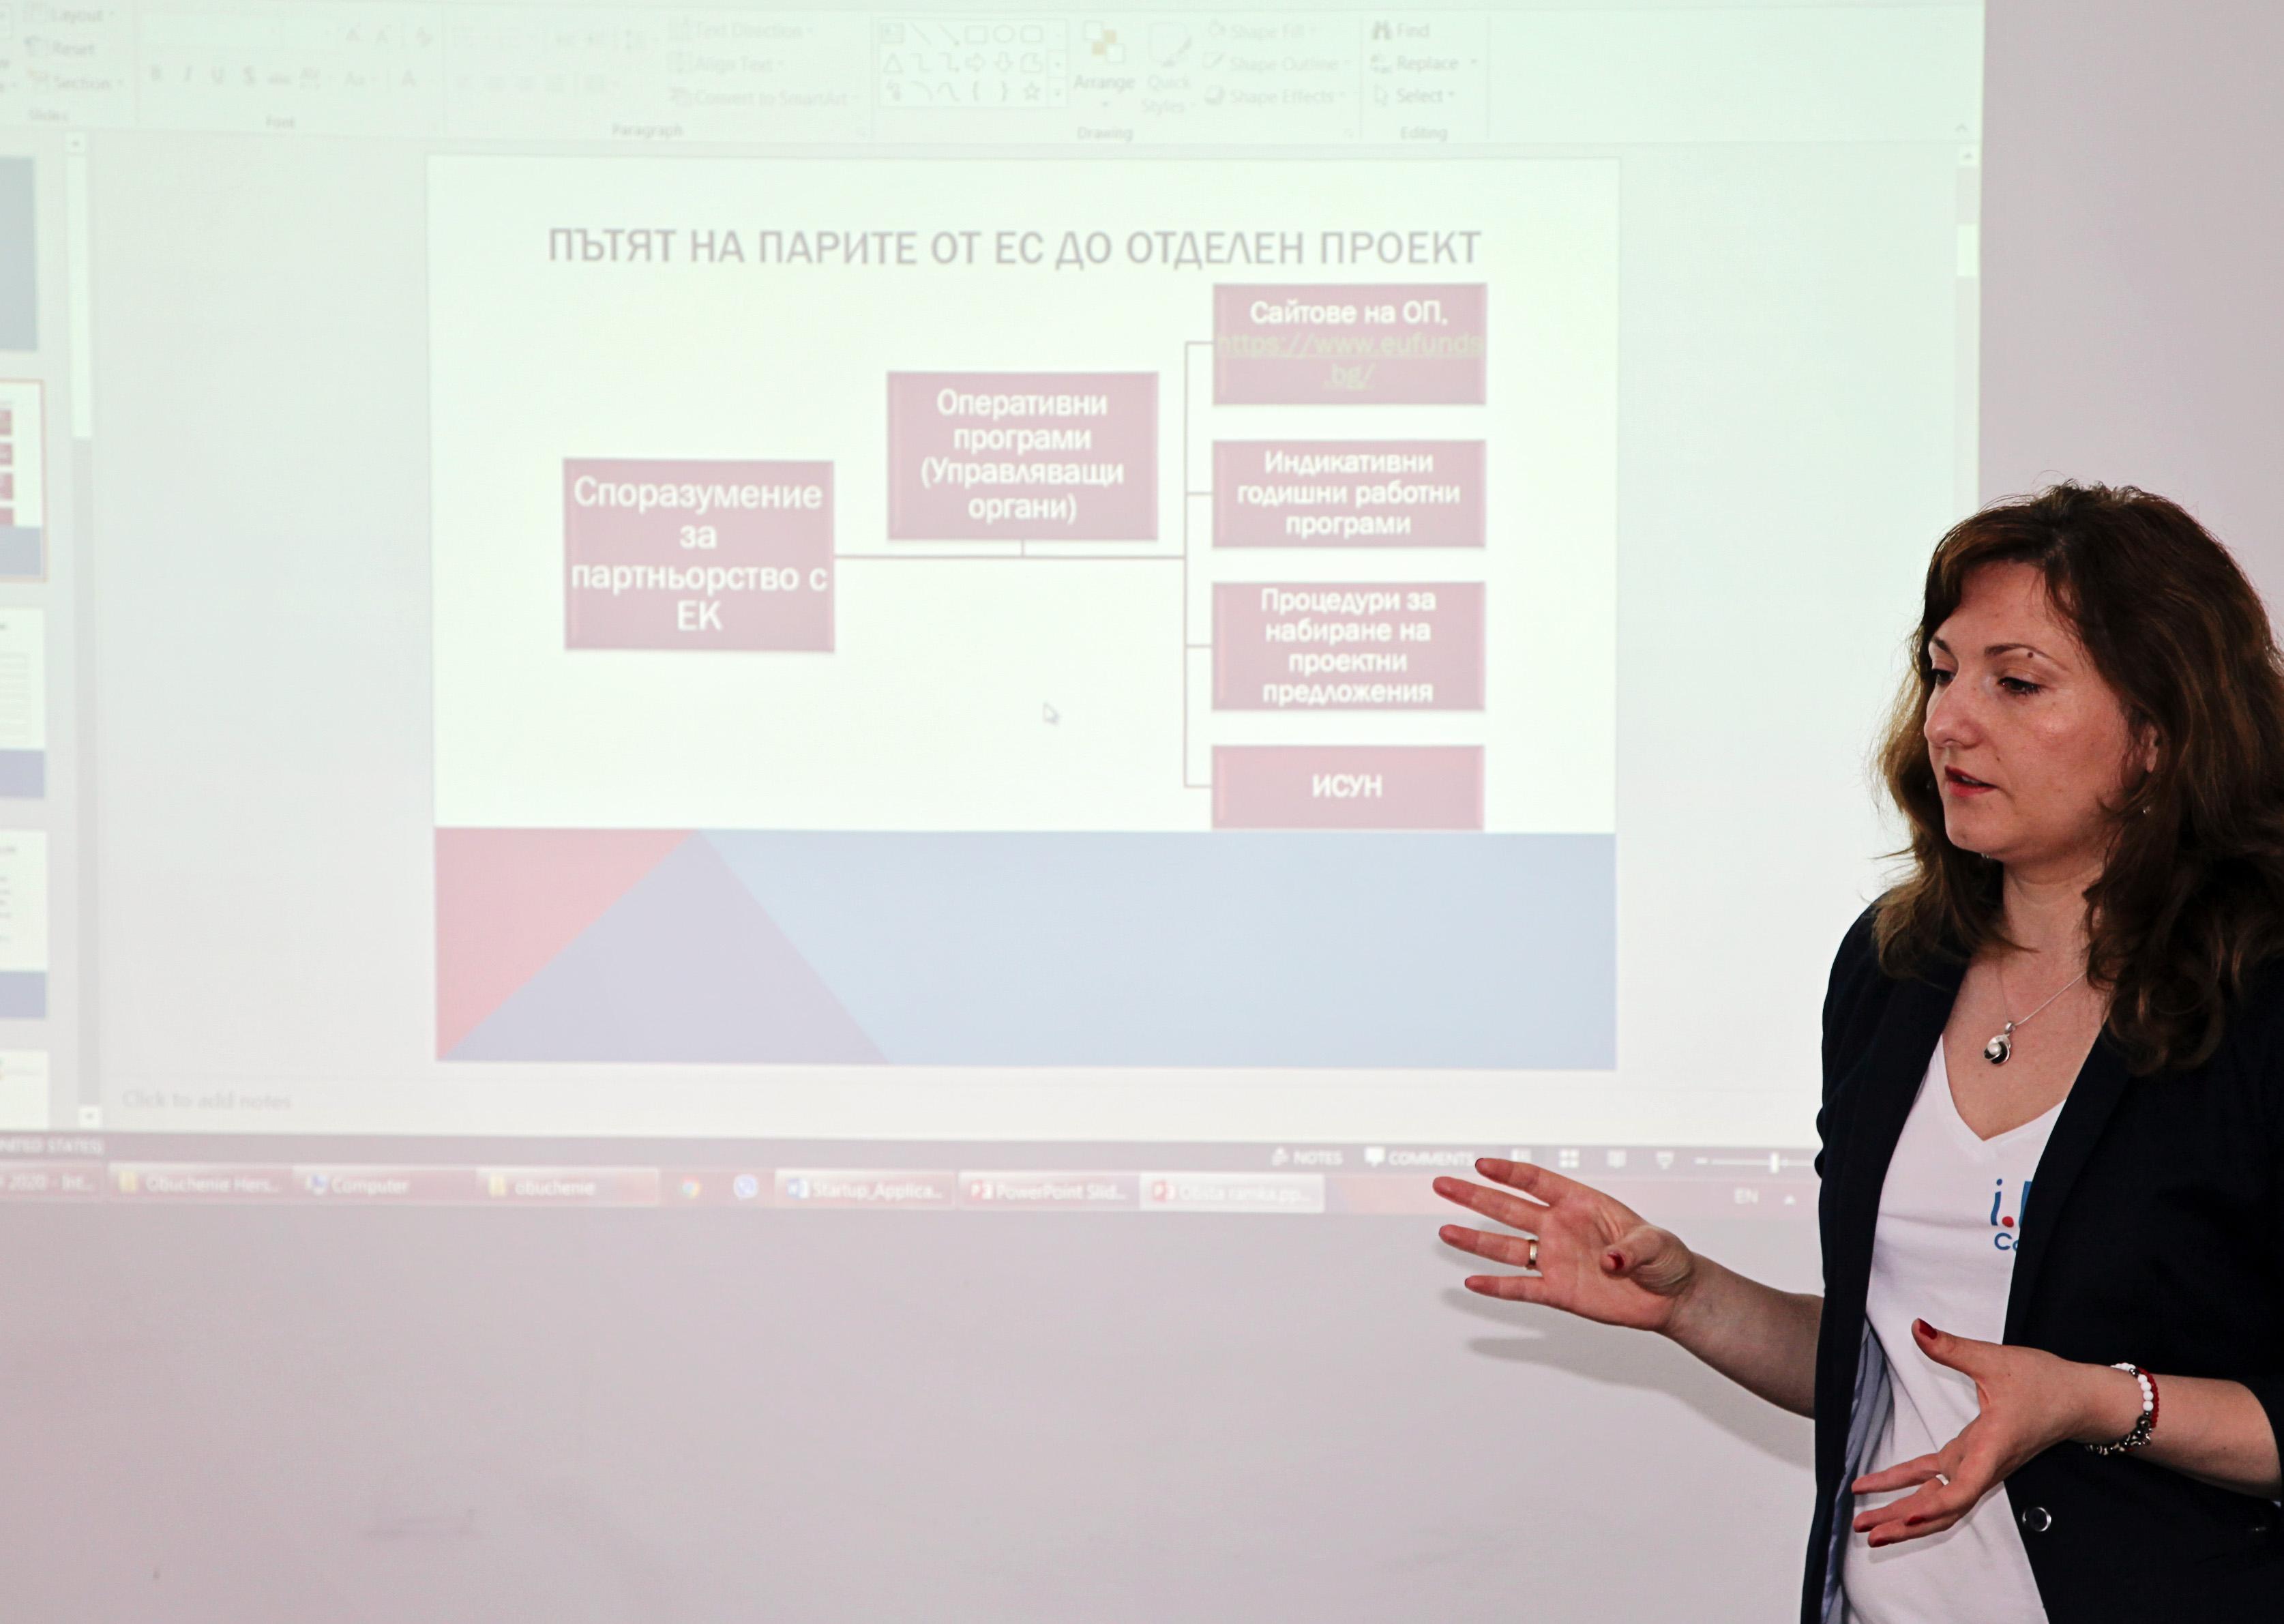 Събитие разработване на успешен проект с Европейско финансиране за стартиращ бизнес